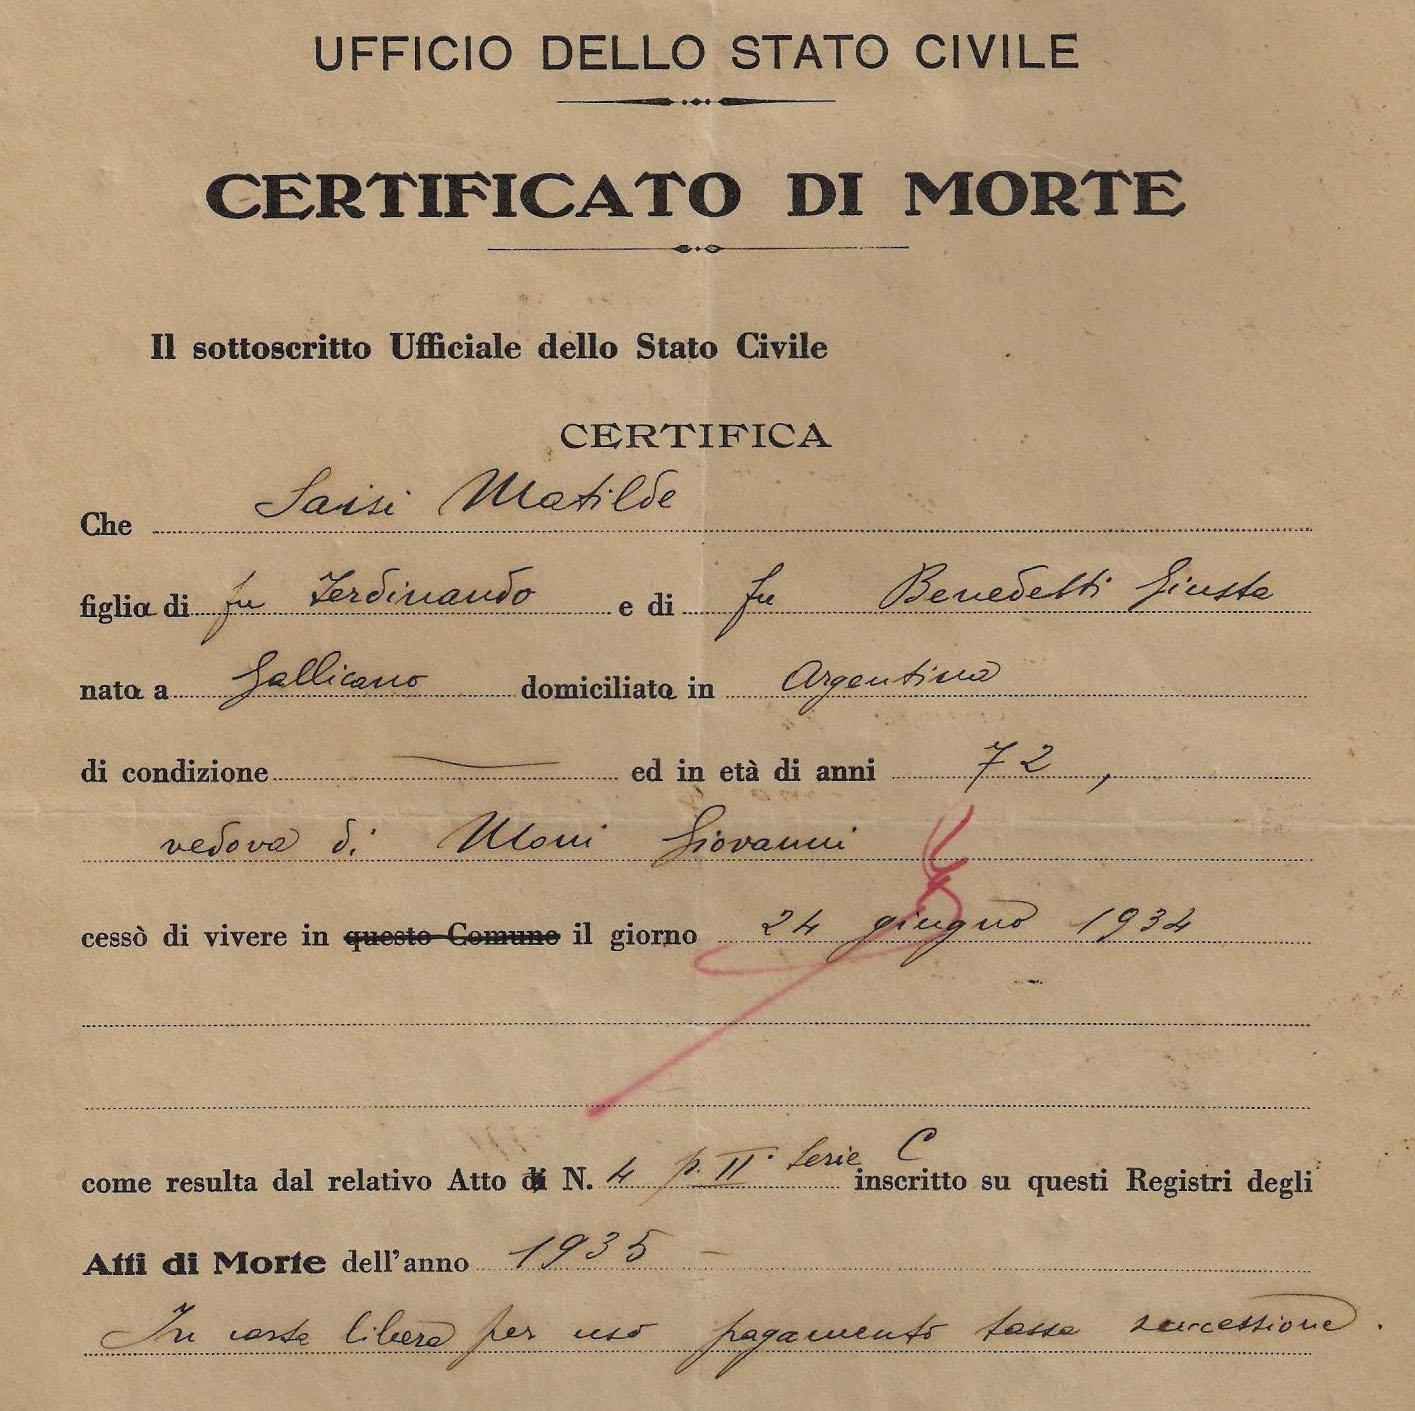 Certificato di morte, dove si richiede